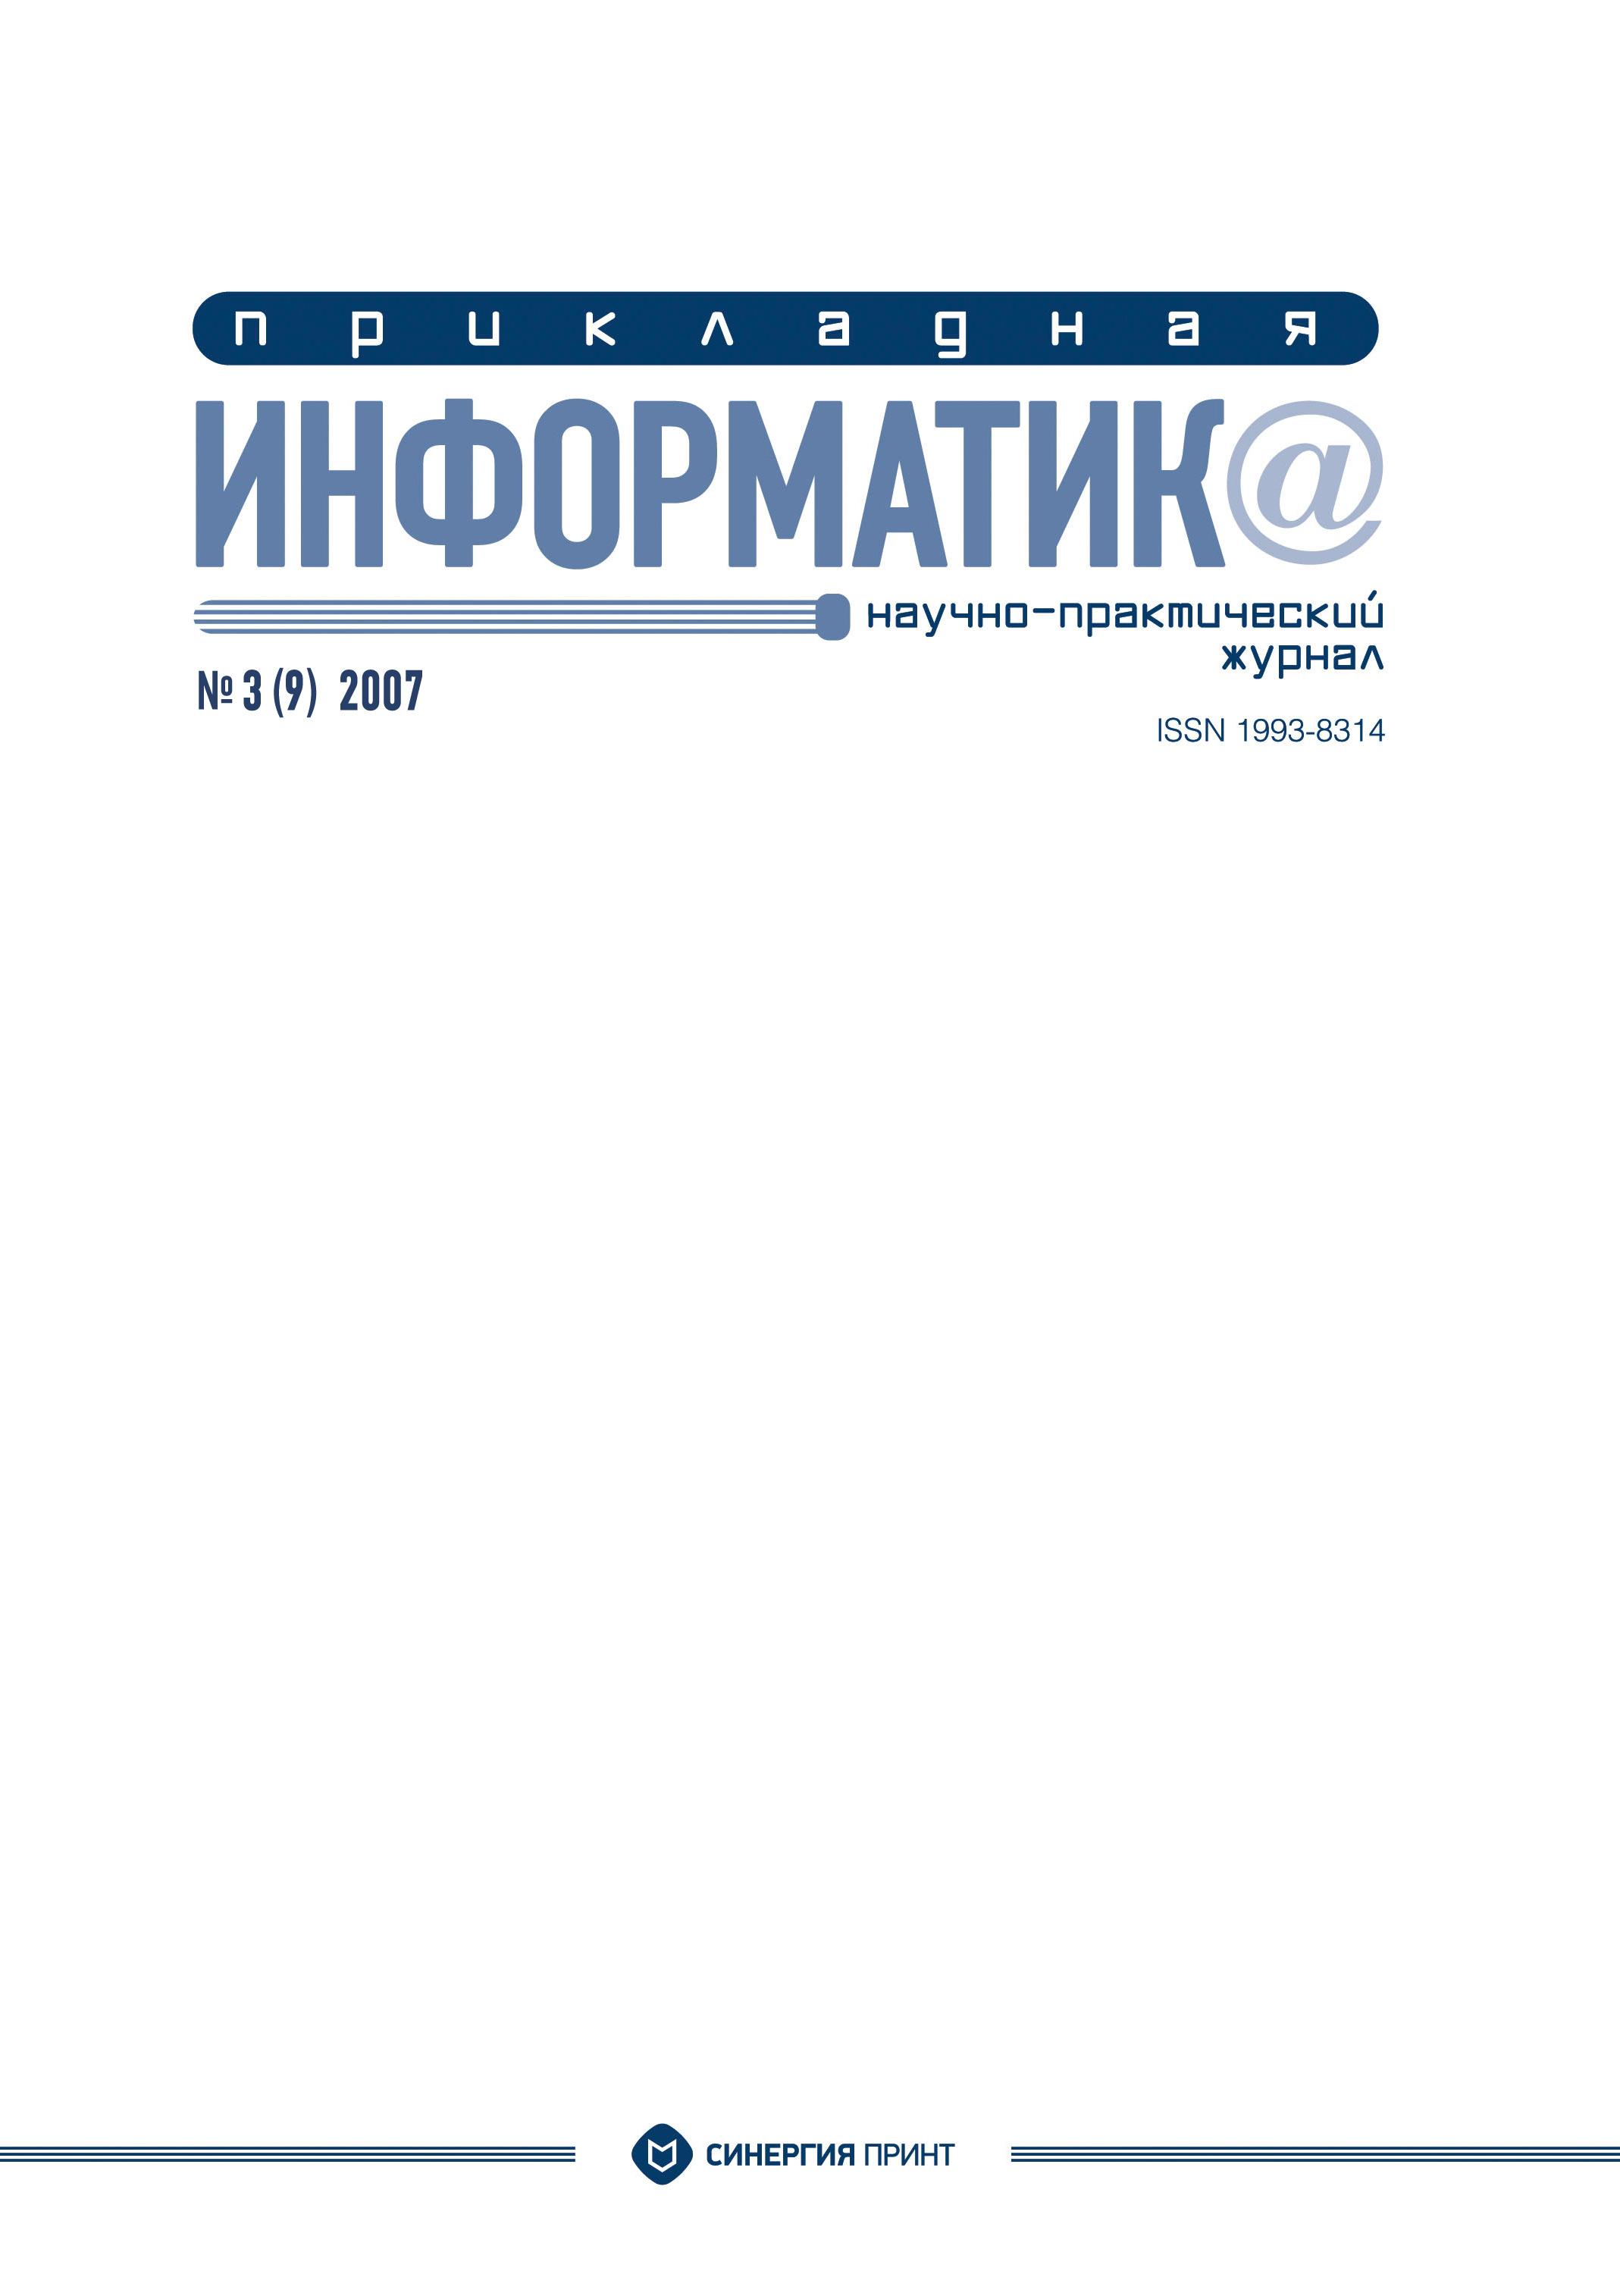 Прикладная информатика № 3 (9) 2007